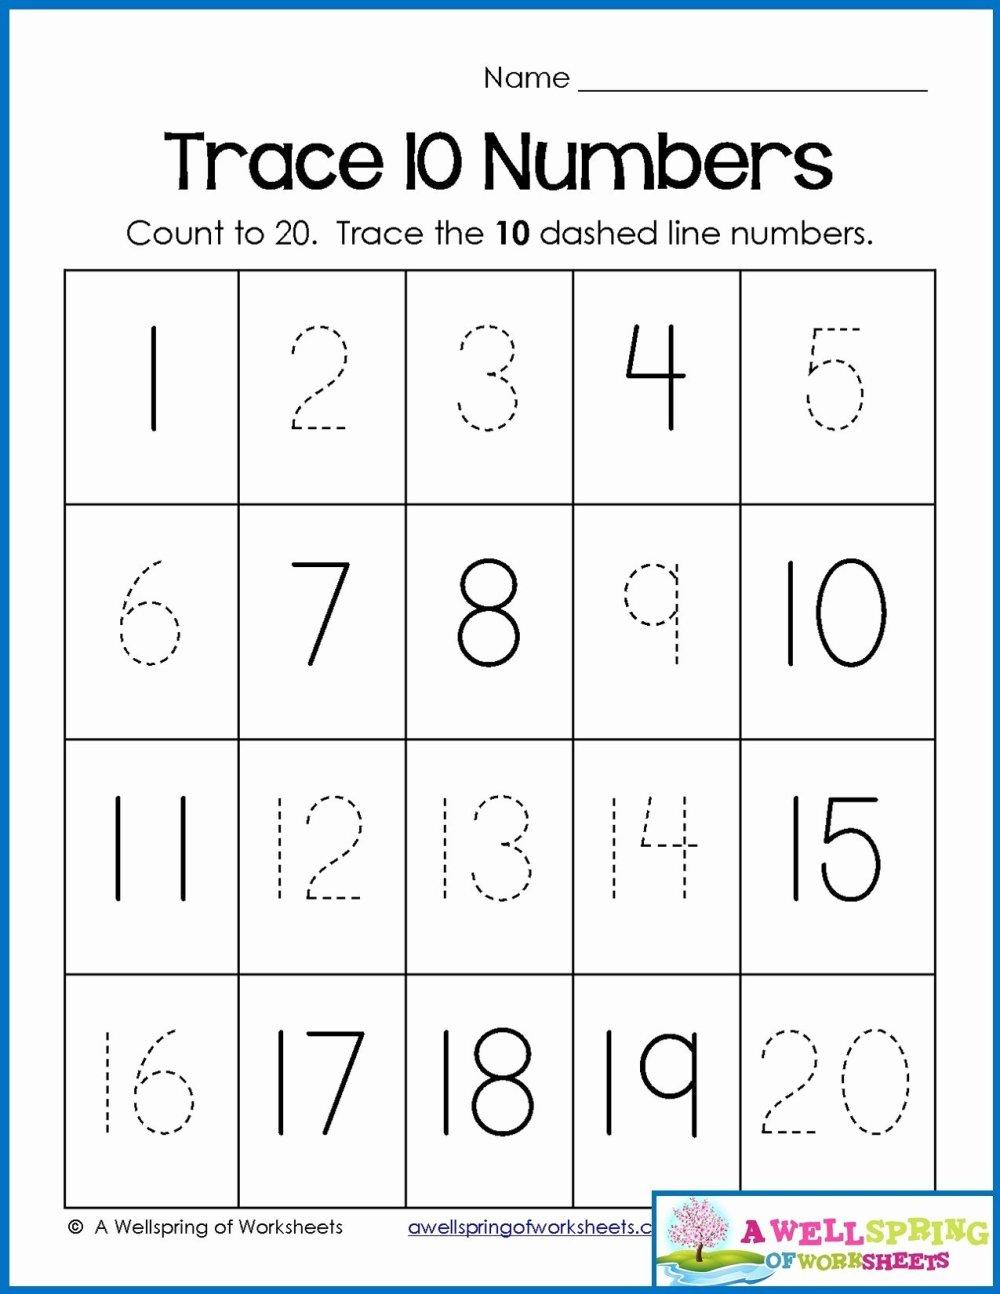 medium resolution of Printable Numbers Worksheets for Preschoolers Fresh Math Worksheet 45  Awesome Number Worksheets for Preschool – Printable Worksheets for Kids